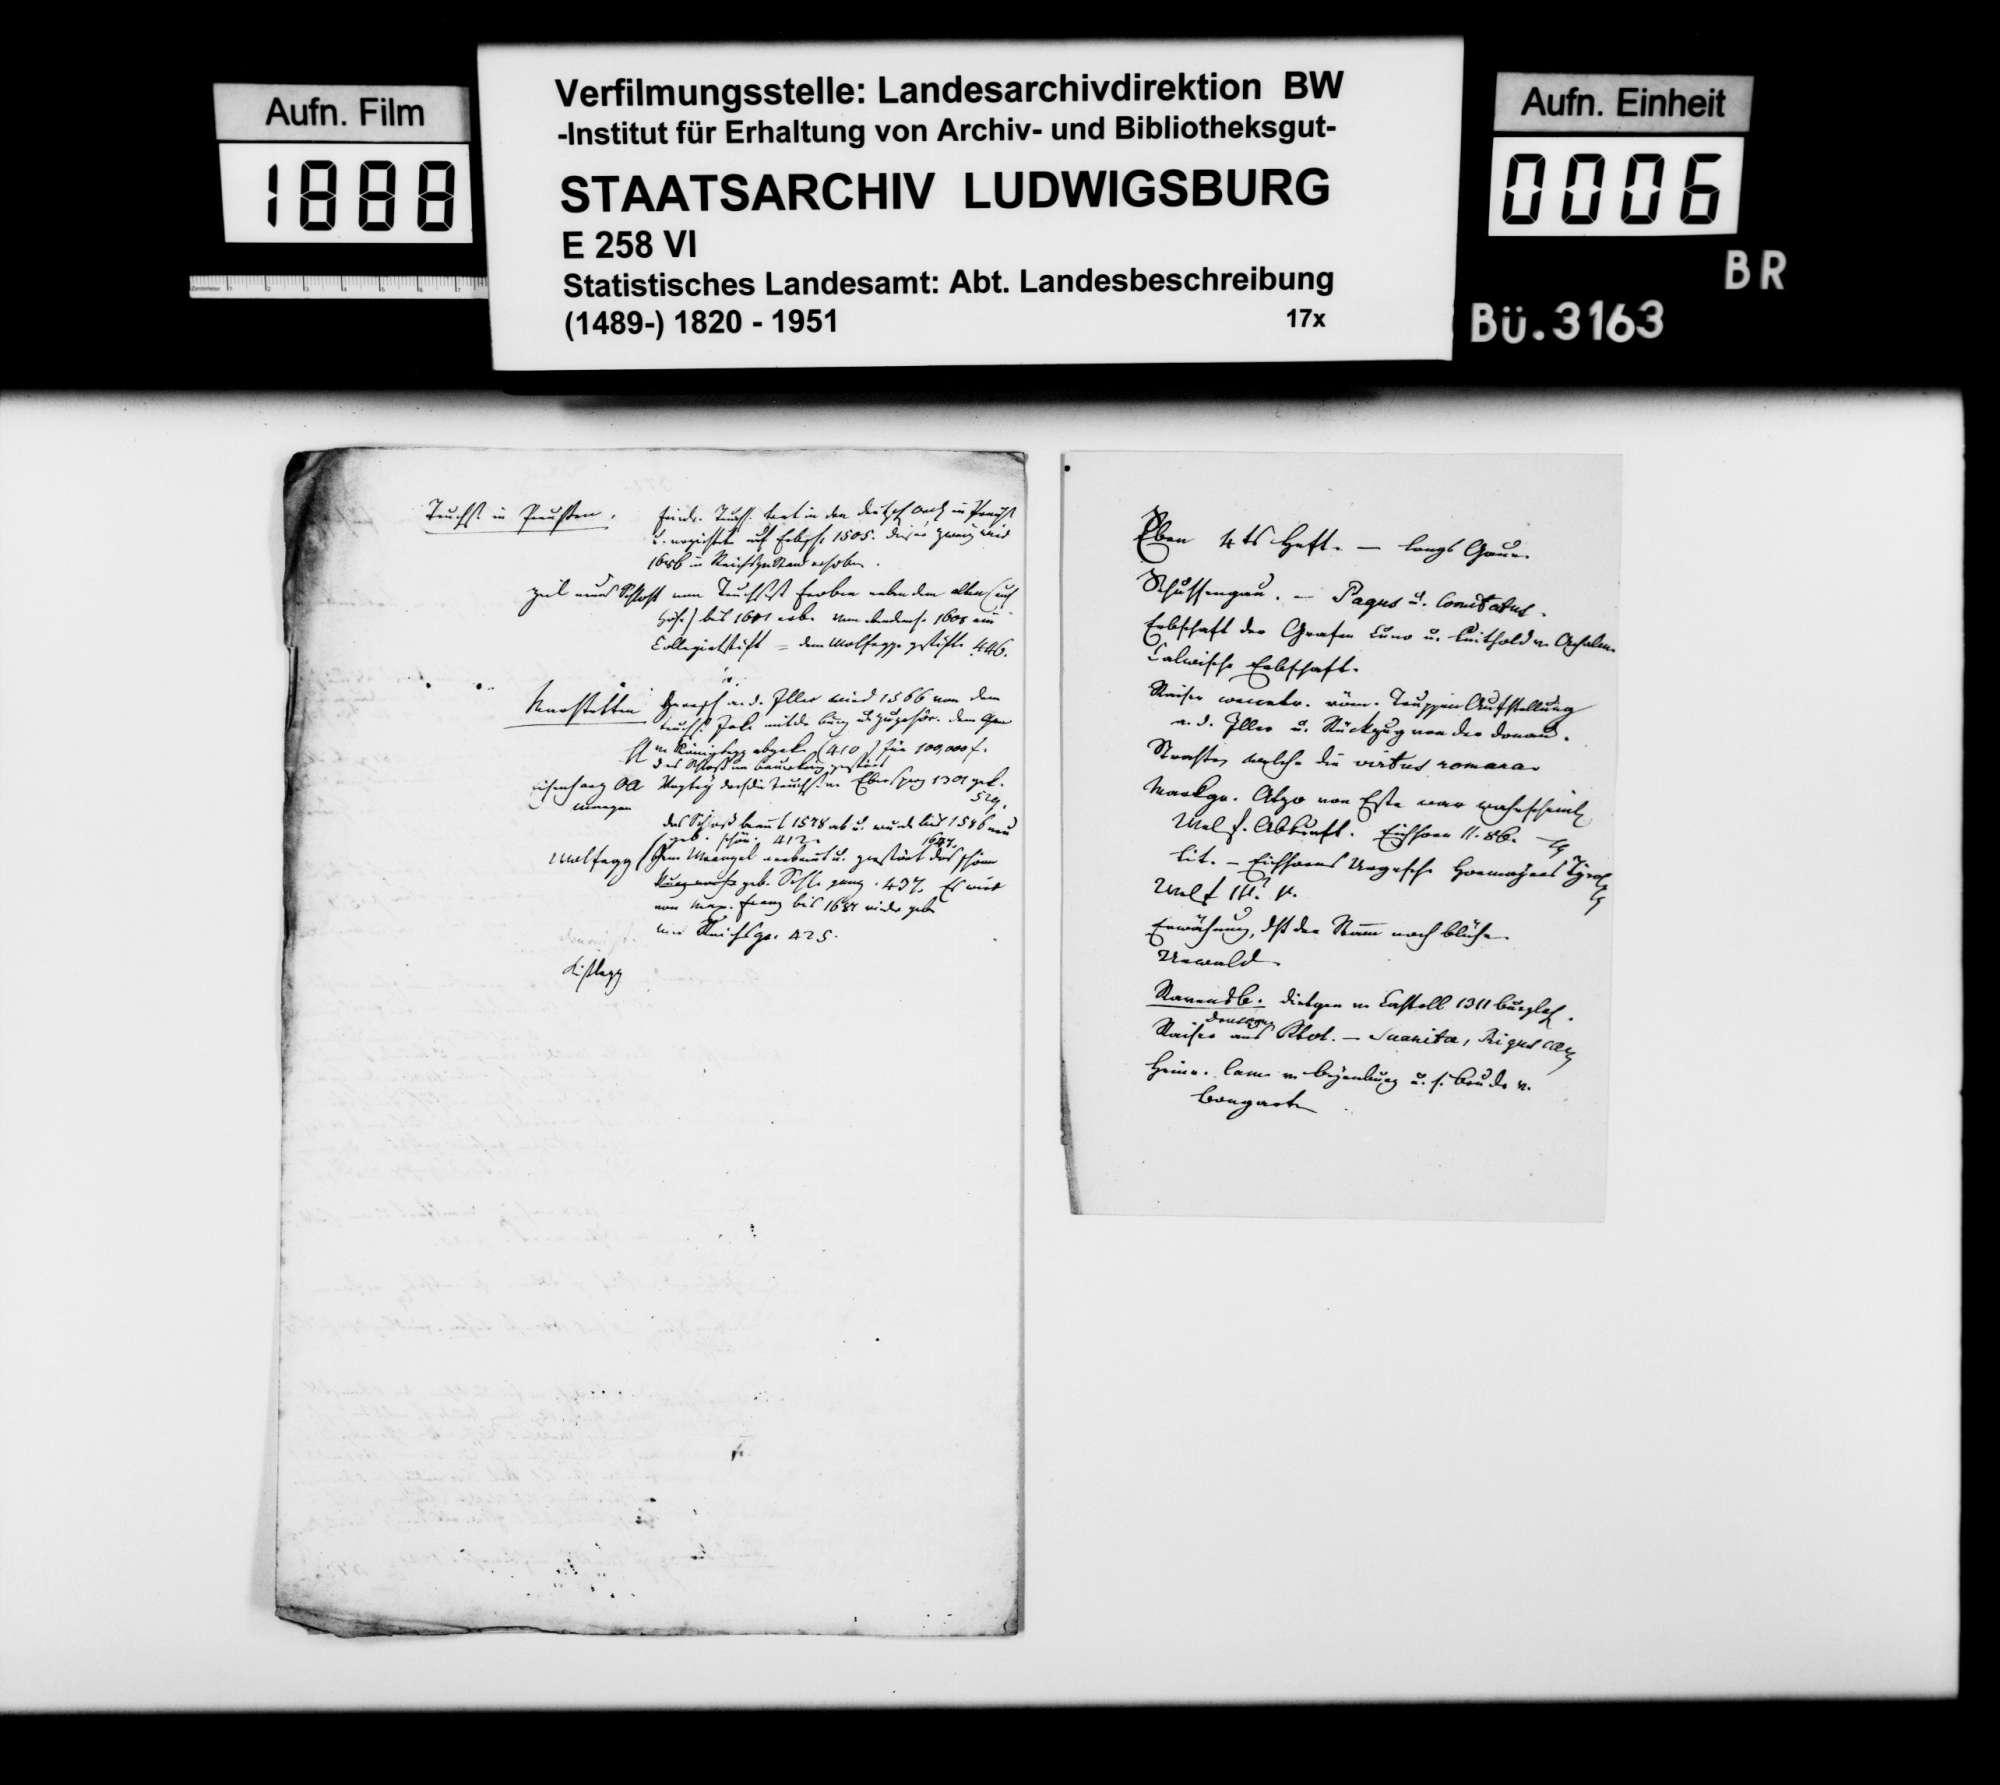 Notizen und Konzepte [von Johann Daniel Georg Memminger] zur OAB, Bild 3